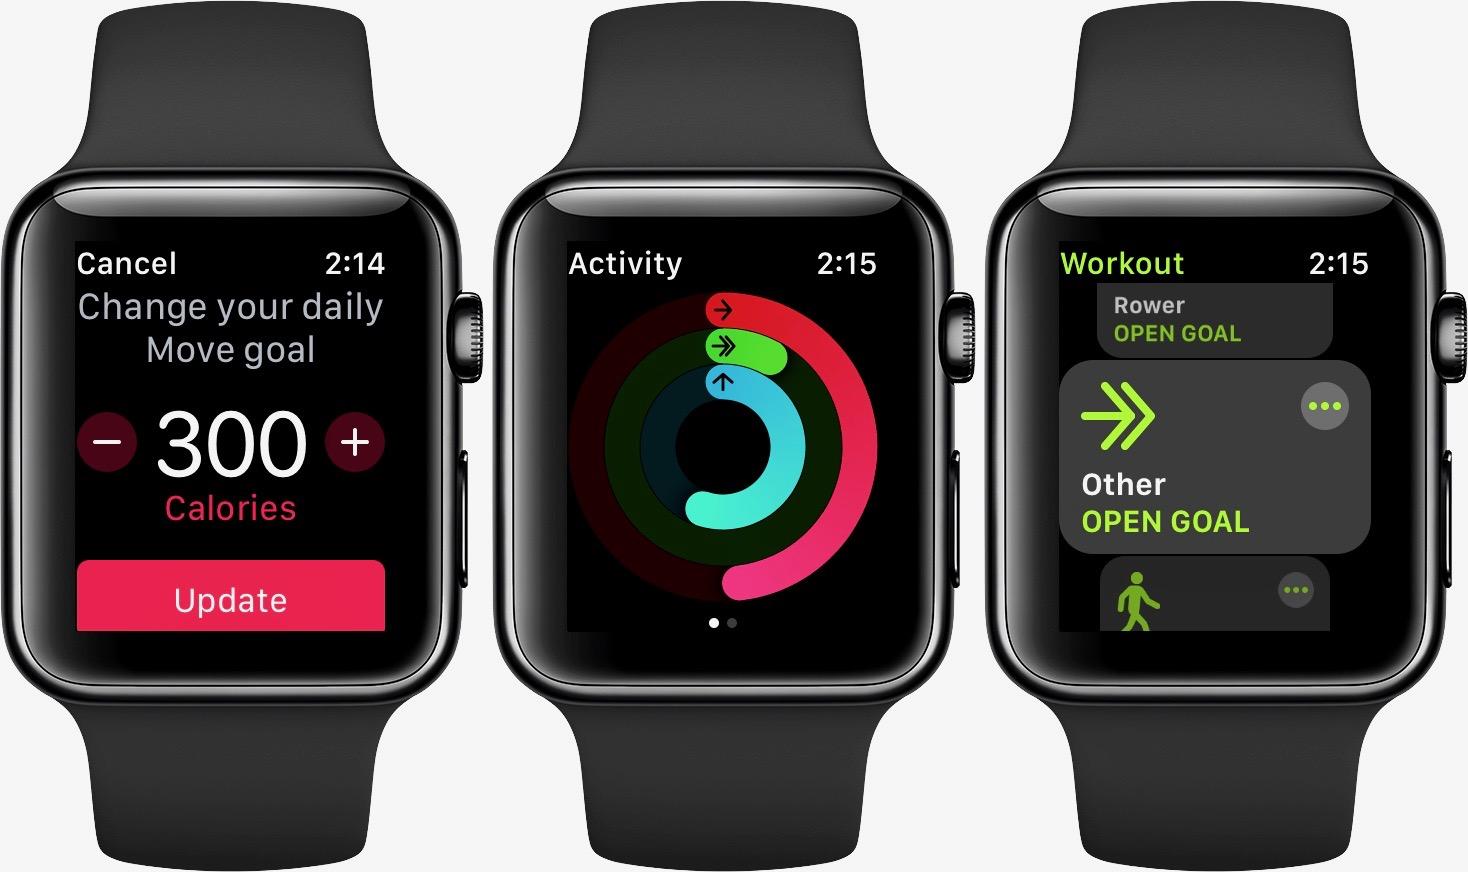 Change Apple Watch exercise goal walkthrough 2